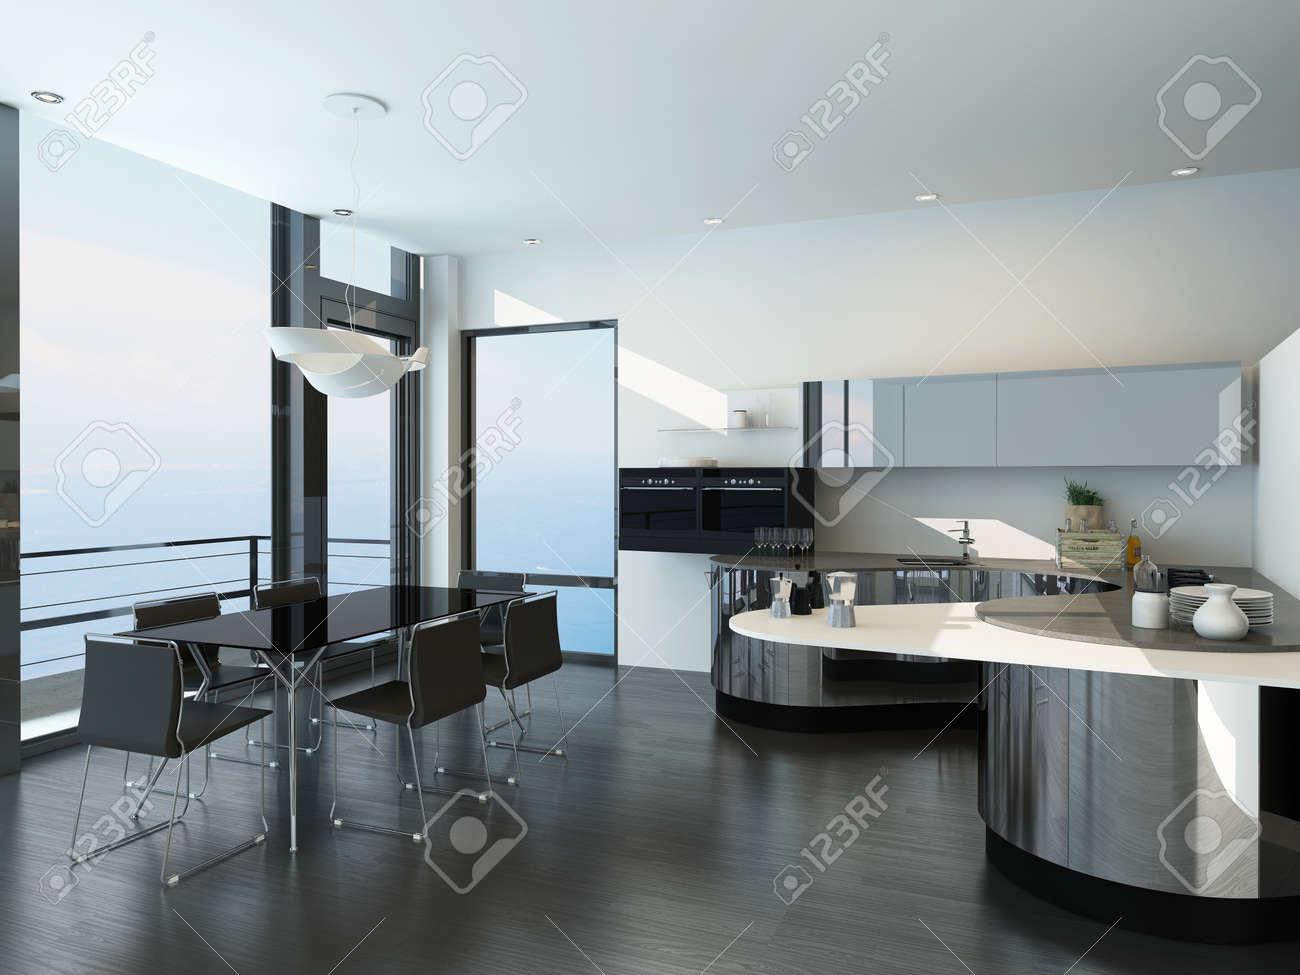 Moderne Luxus-Schwarz-Weiß-Stil Küche Interieur Lizenzfreie Fotos ...